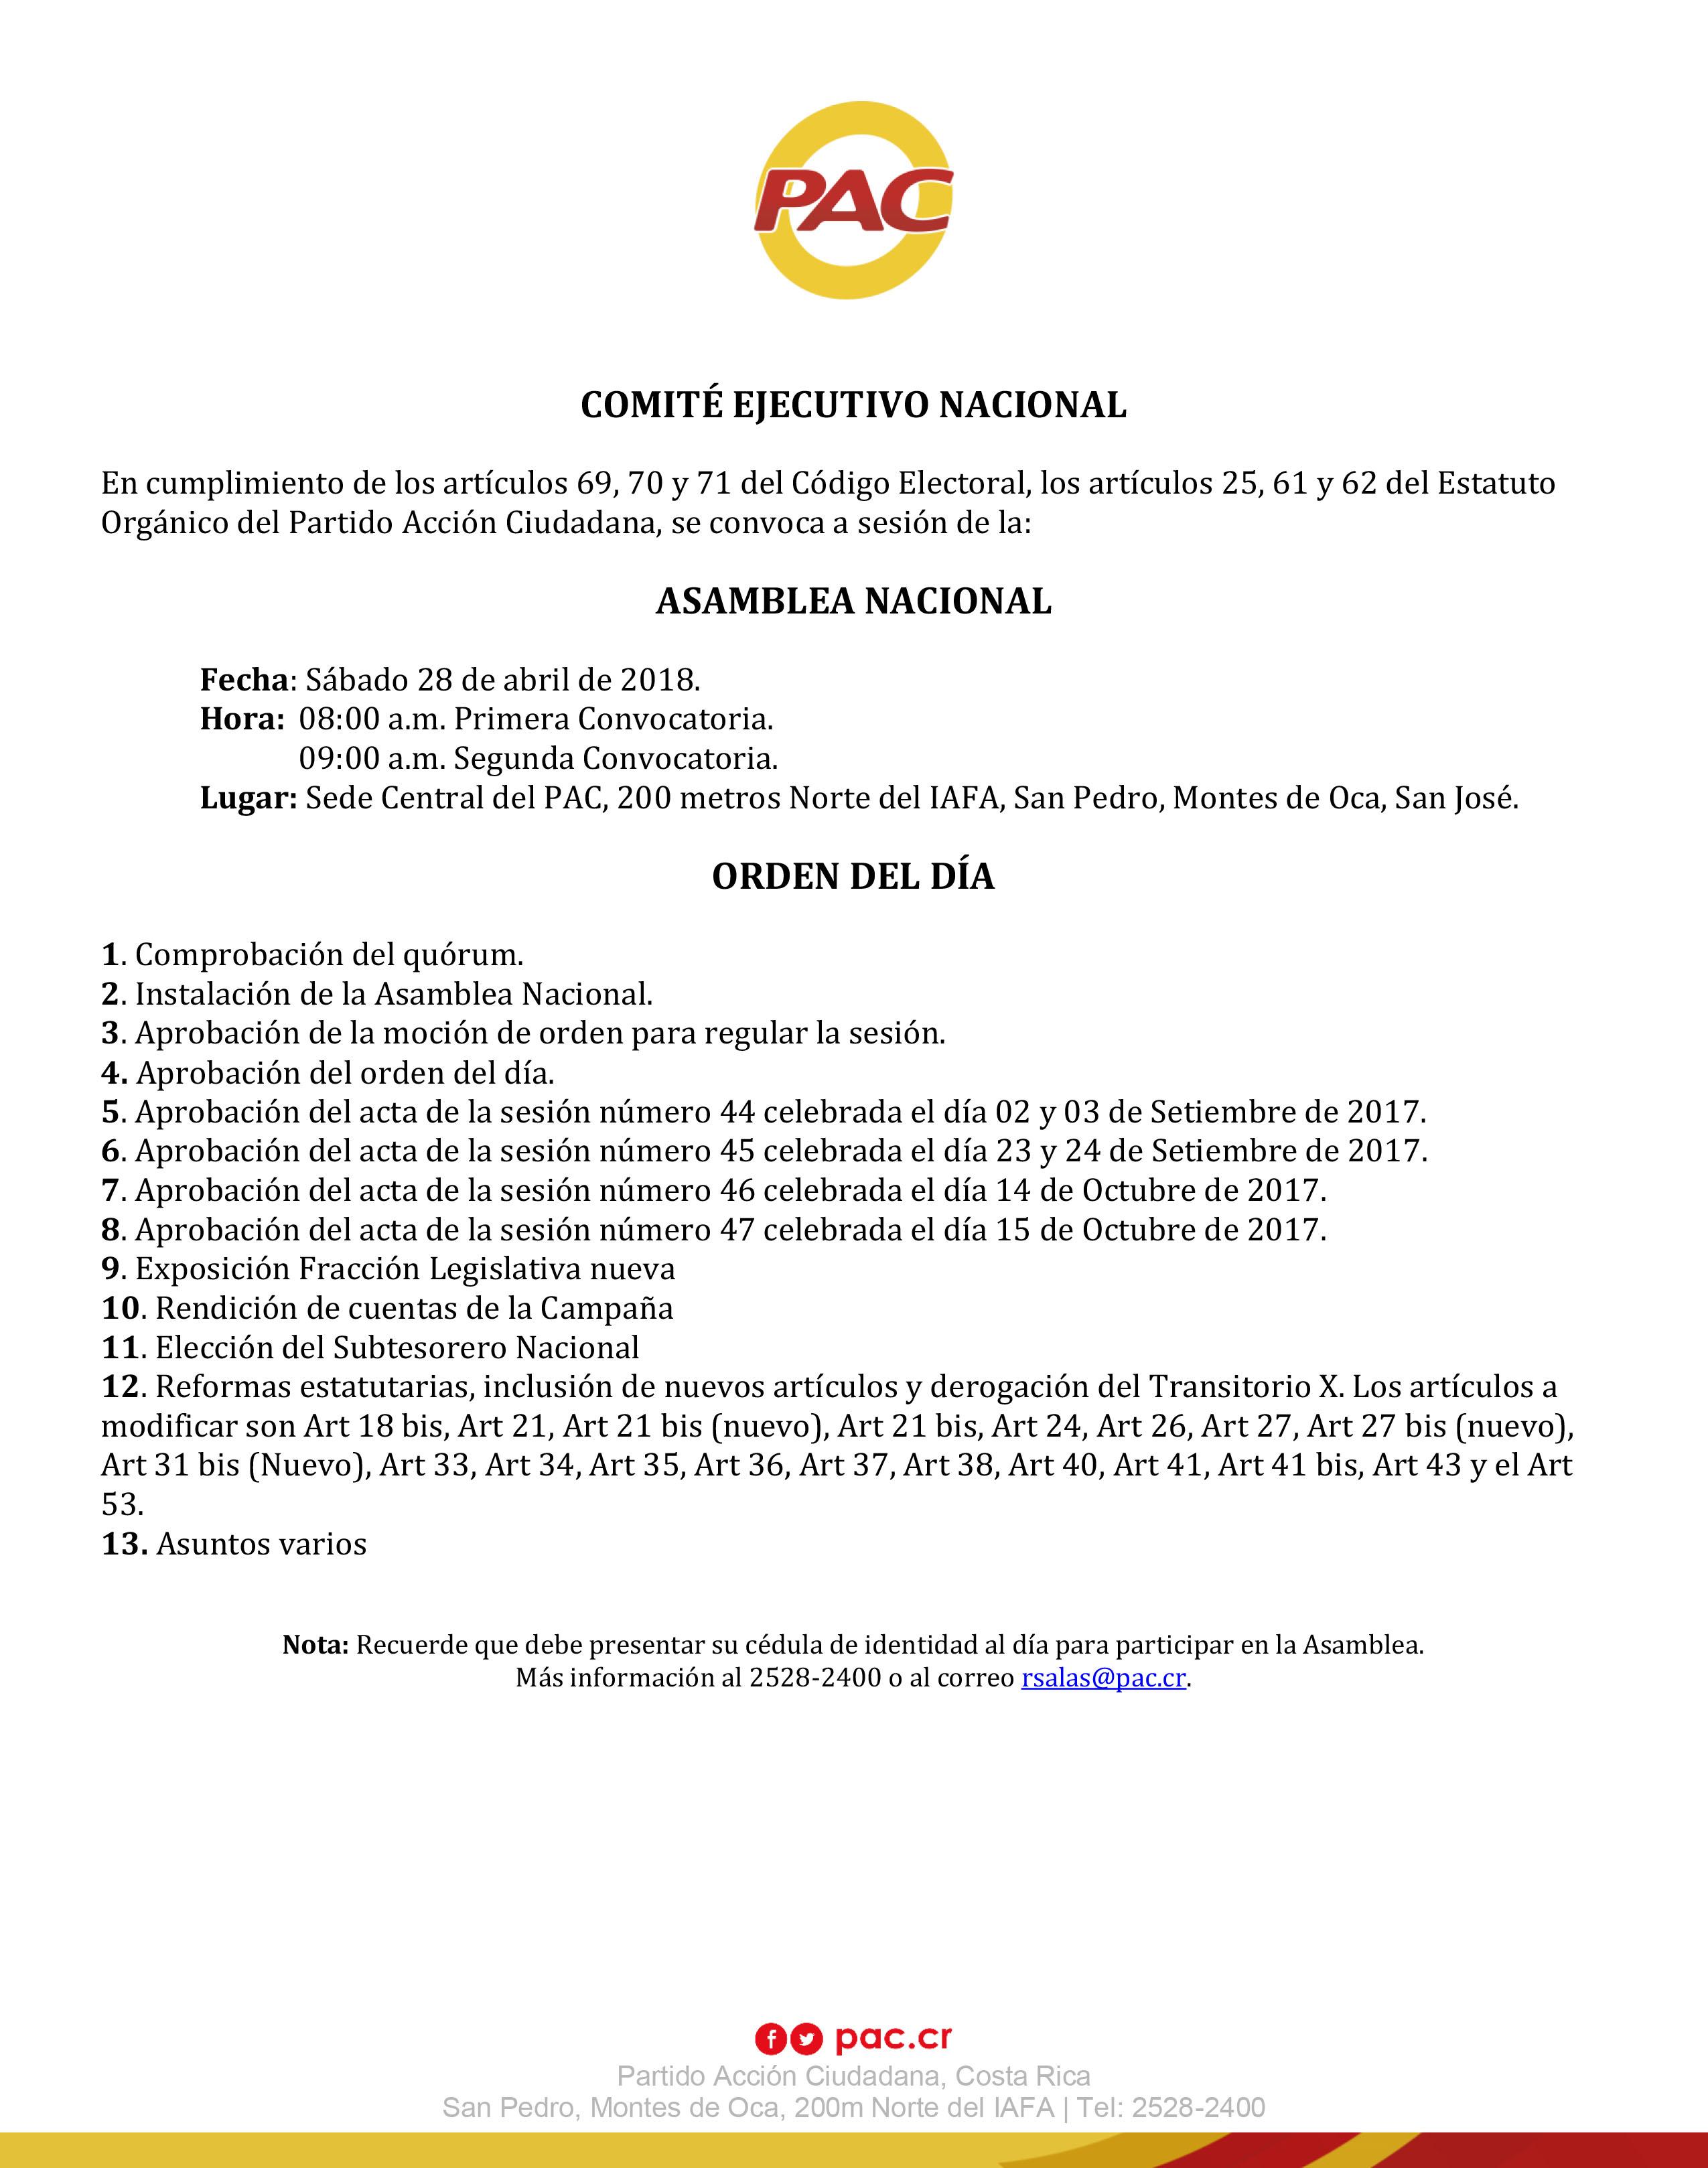 Agenda AN 28 Abril